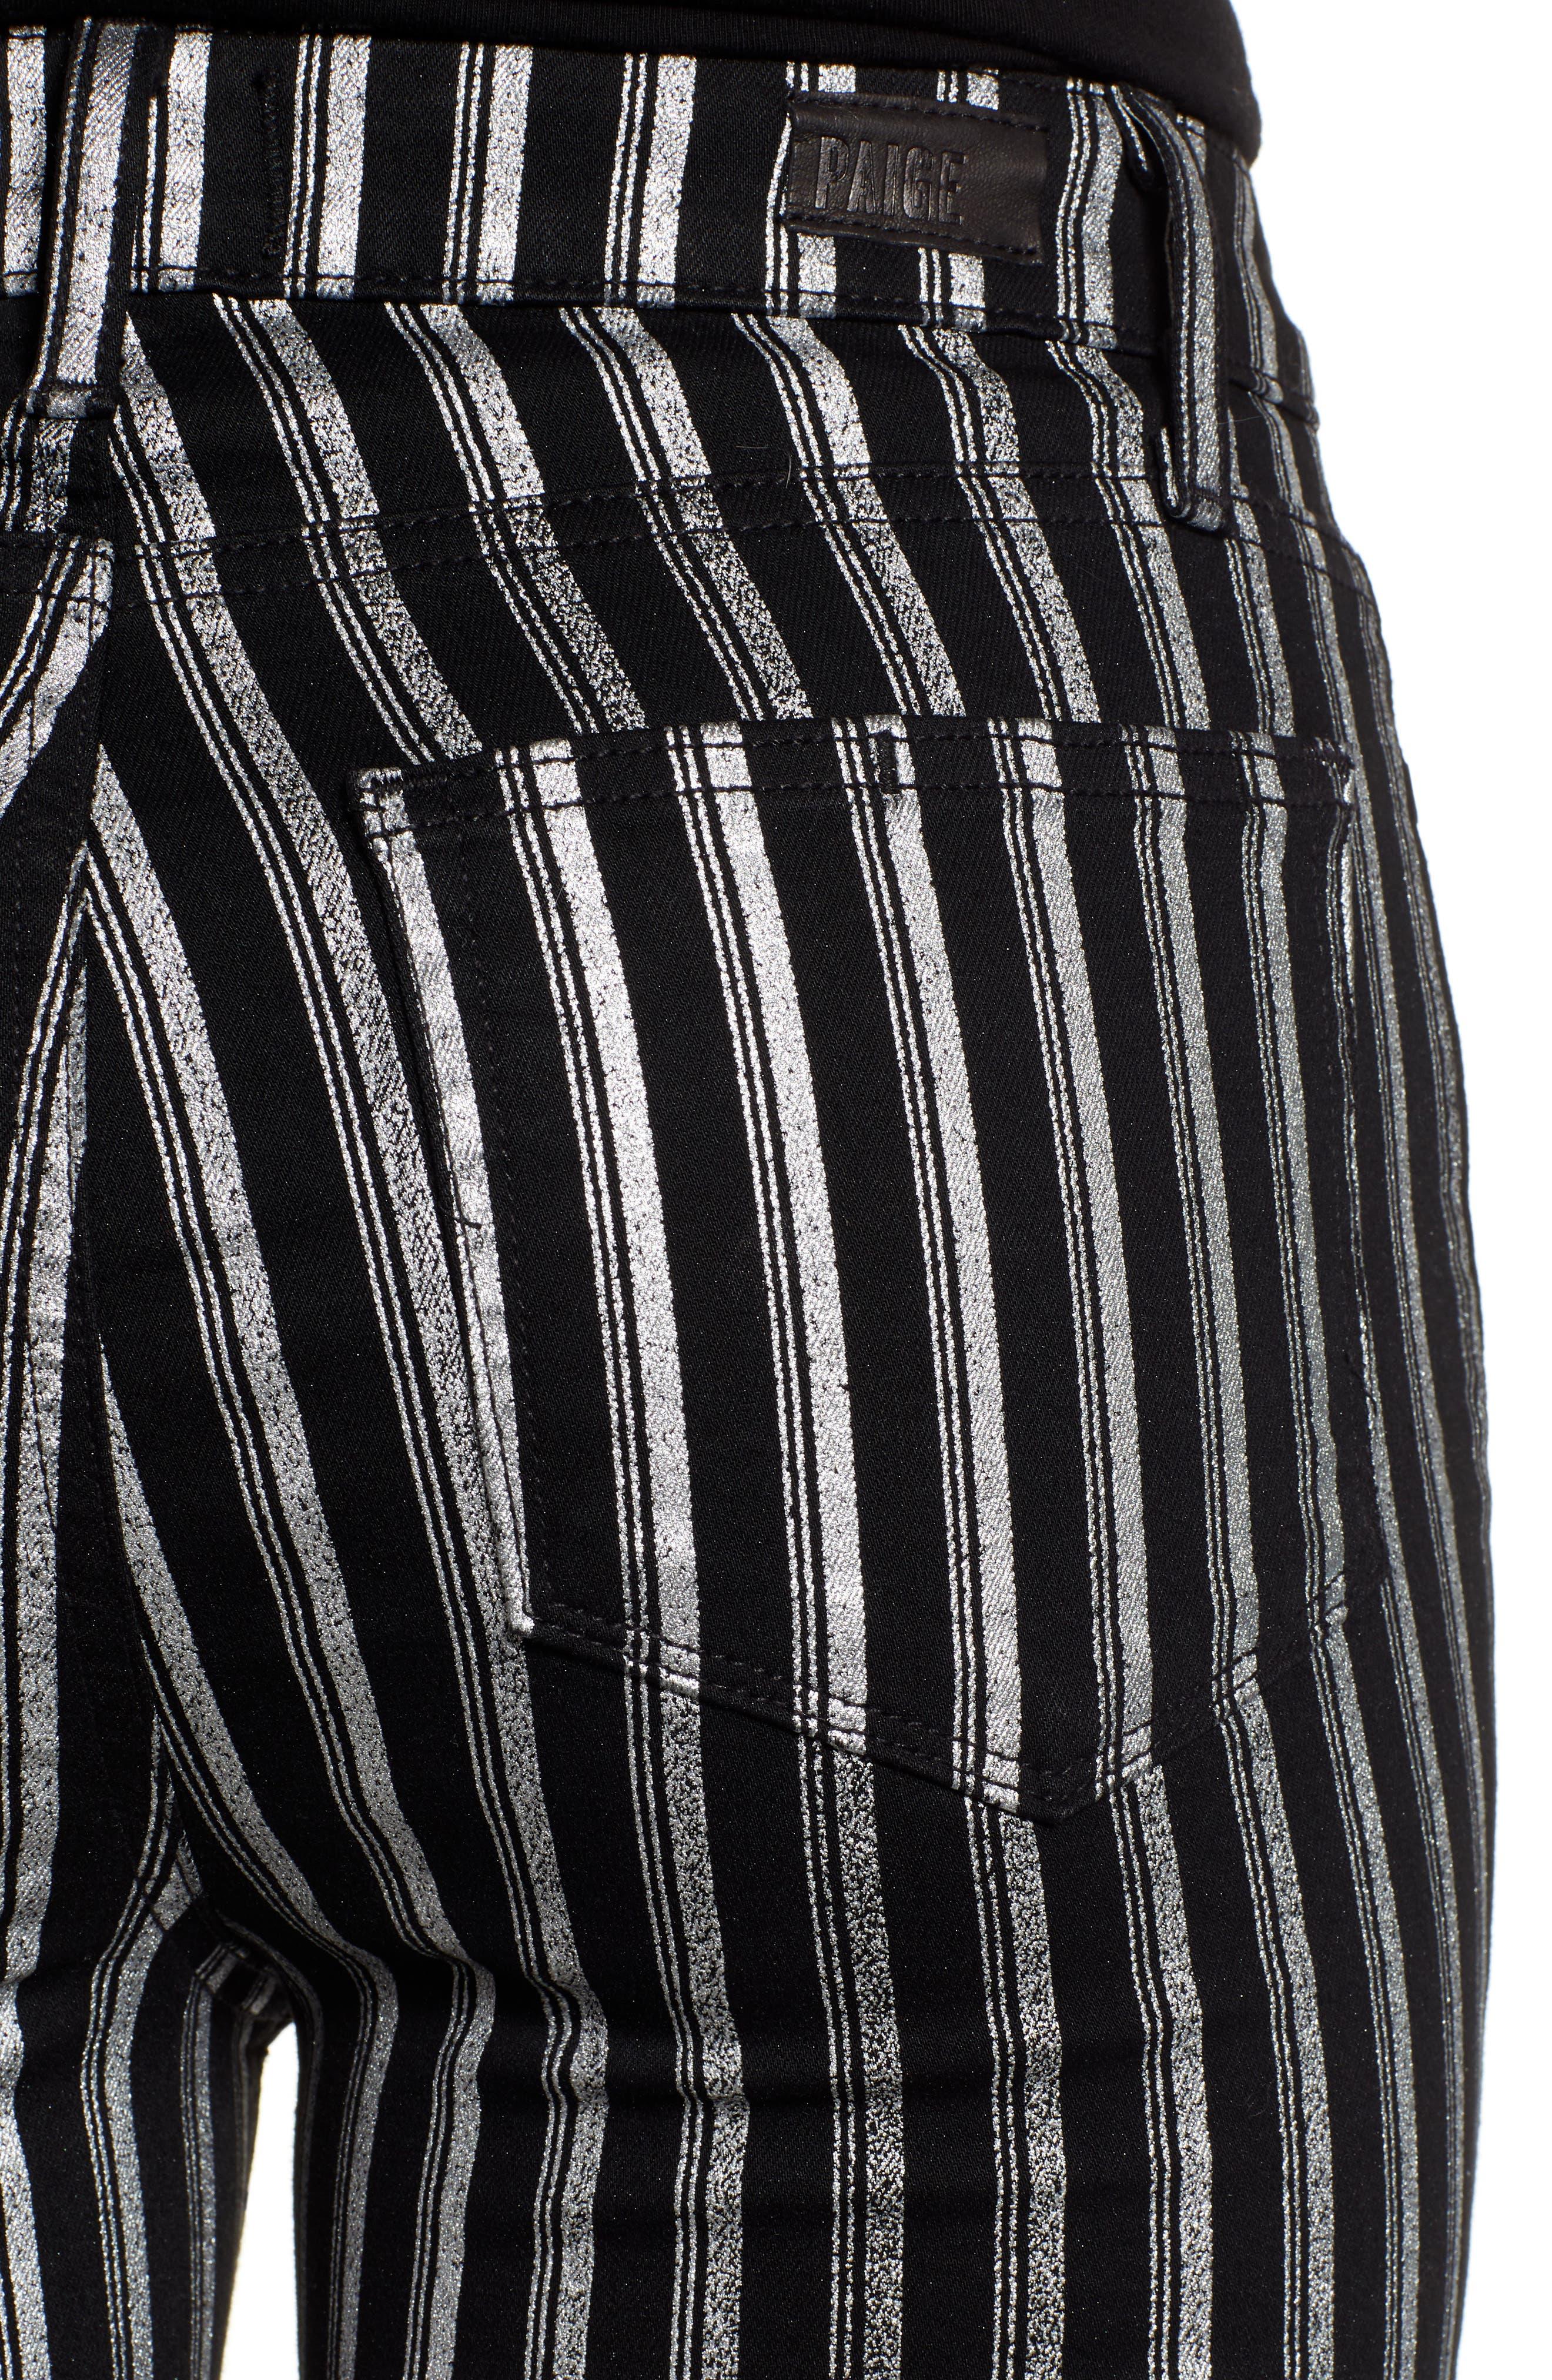 PAIGE, Colette High Waist Crop Flare Jeans, Alternate thumbnail 4, color, SILVER STRIPE